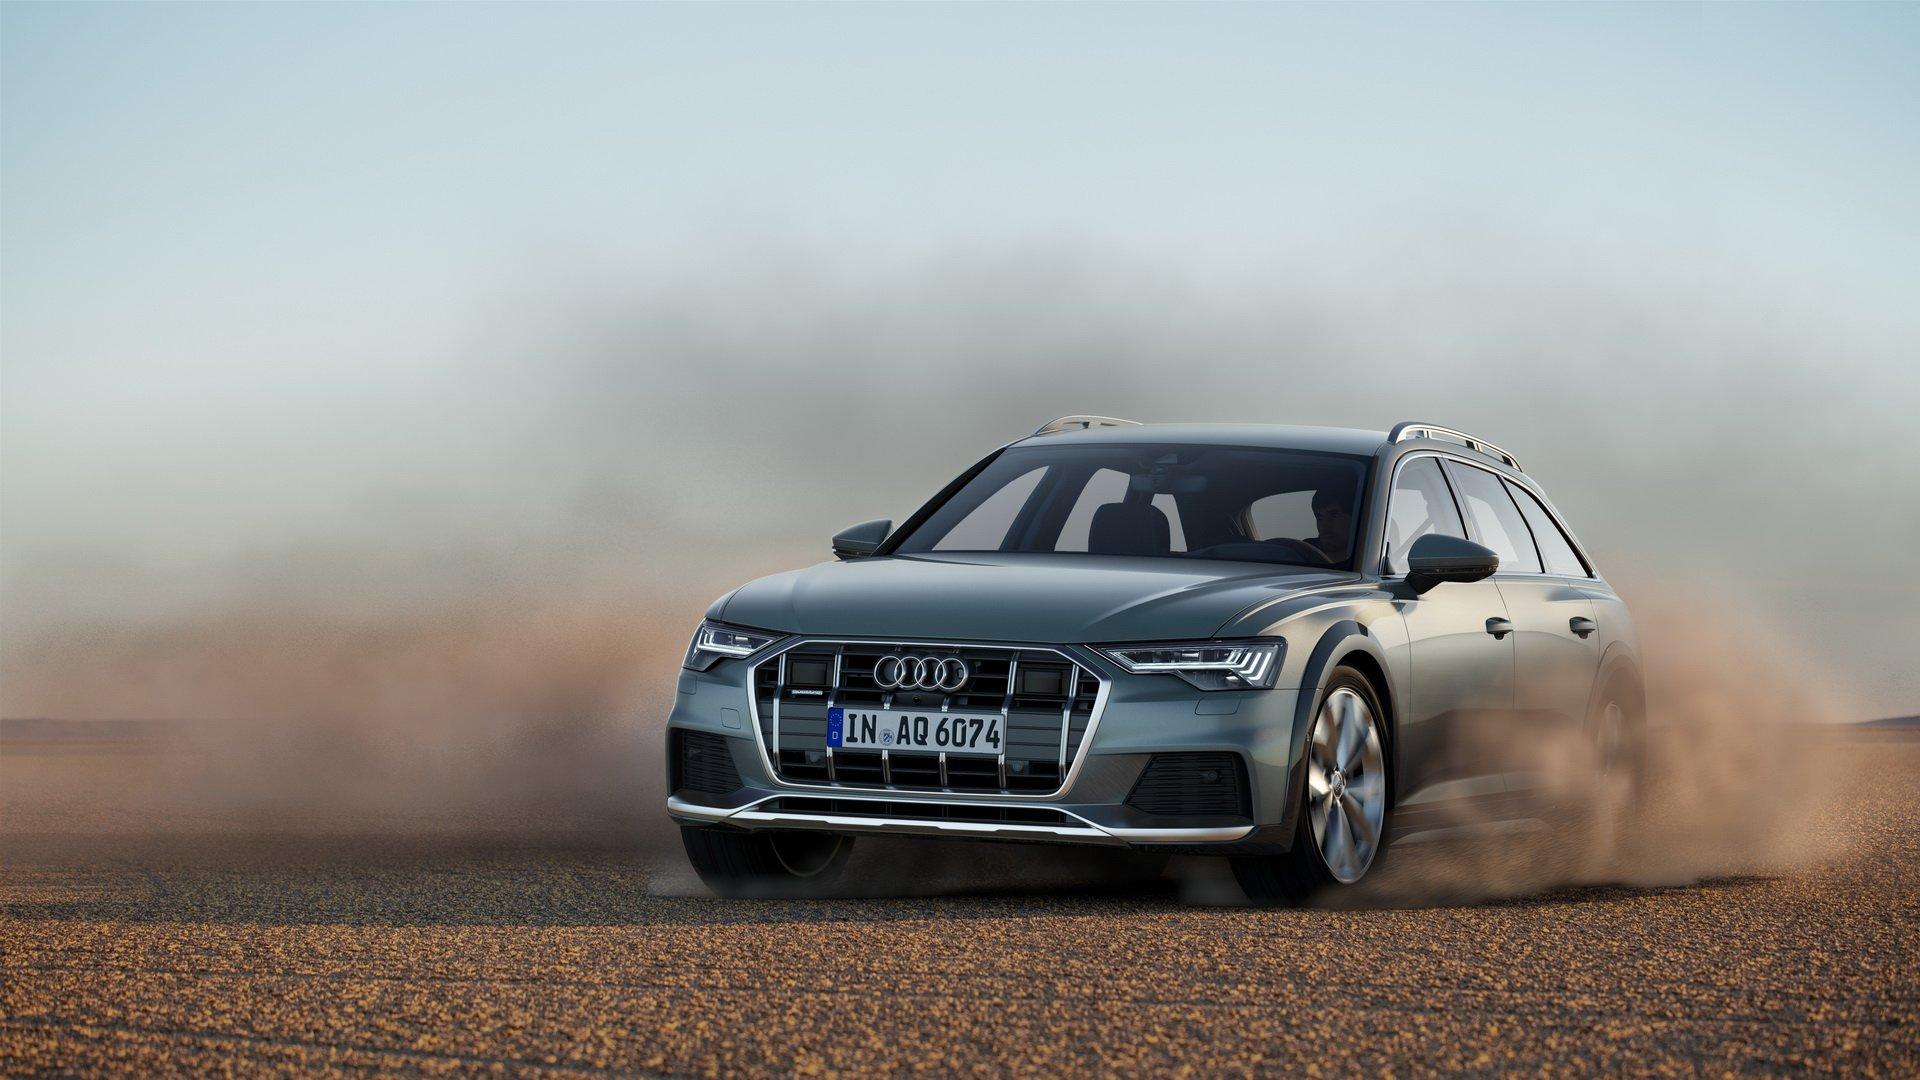 Audi A6 Allroad Quattro 2020 в движении